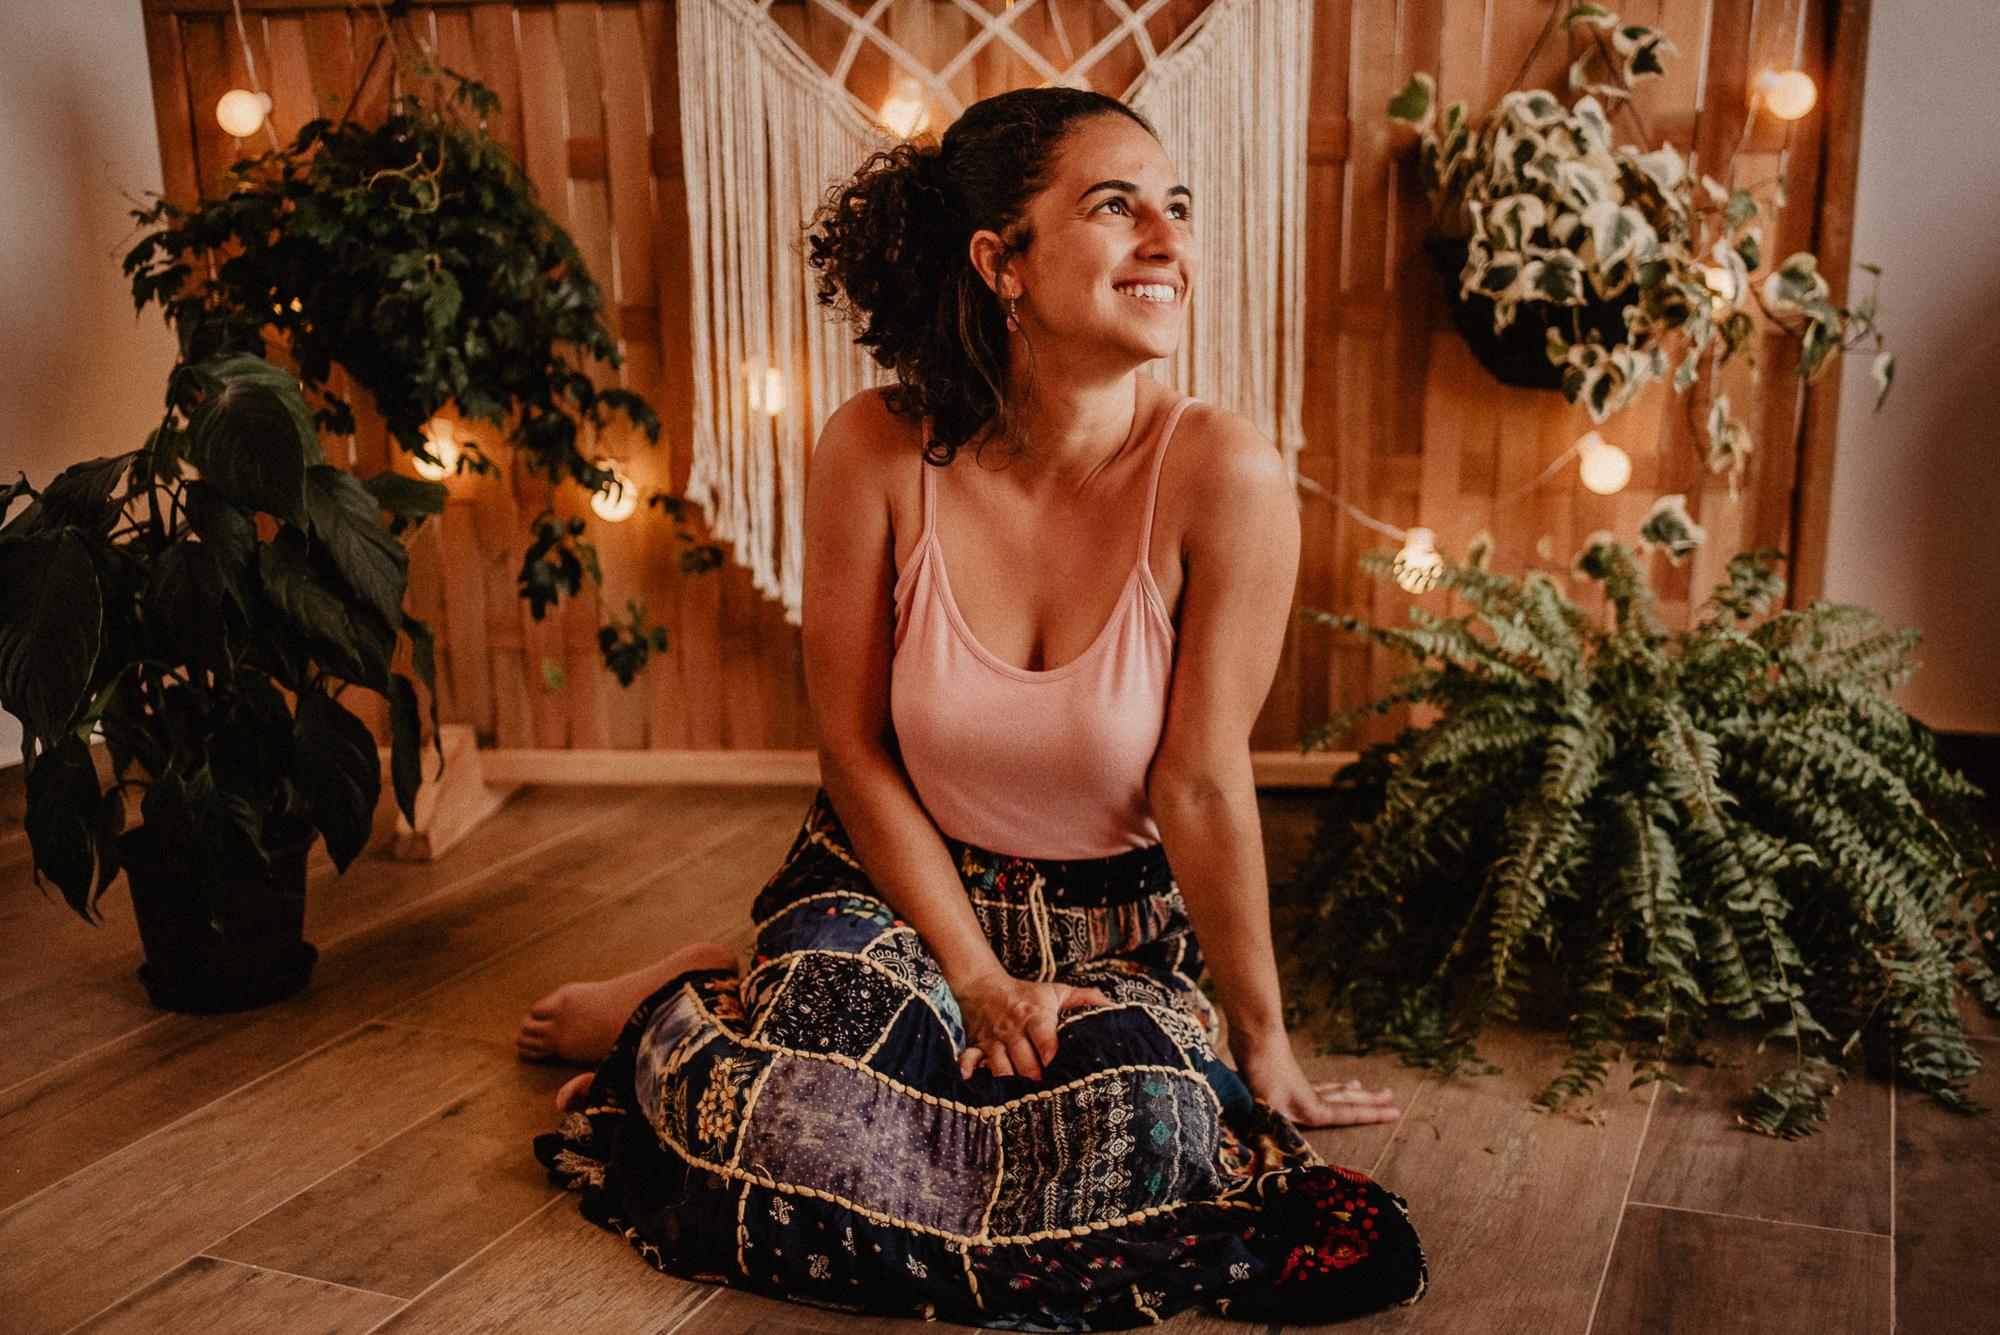 Sobre Meu Newborn - Ana Rodrigues - Fotografia Newborn, Fotografia Gestante, Acompanhamento mensal, Guaratinguetá, Lorena e Cachoeira Paulista.